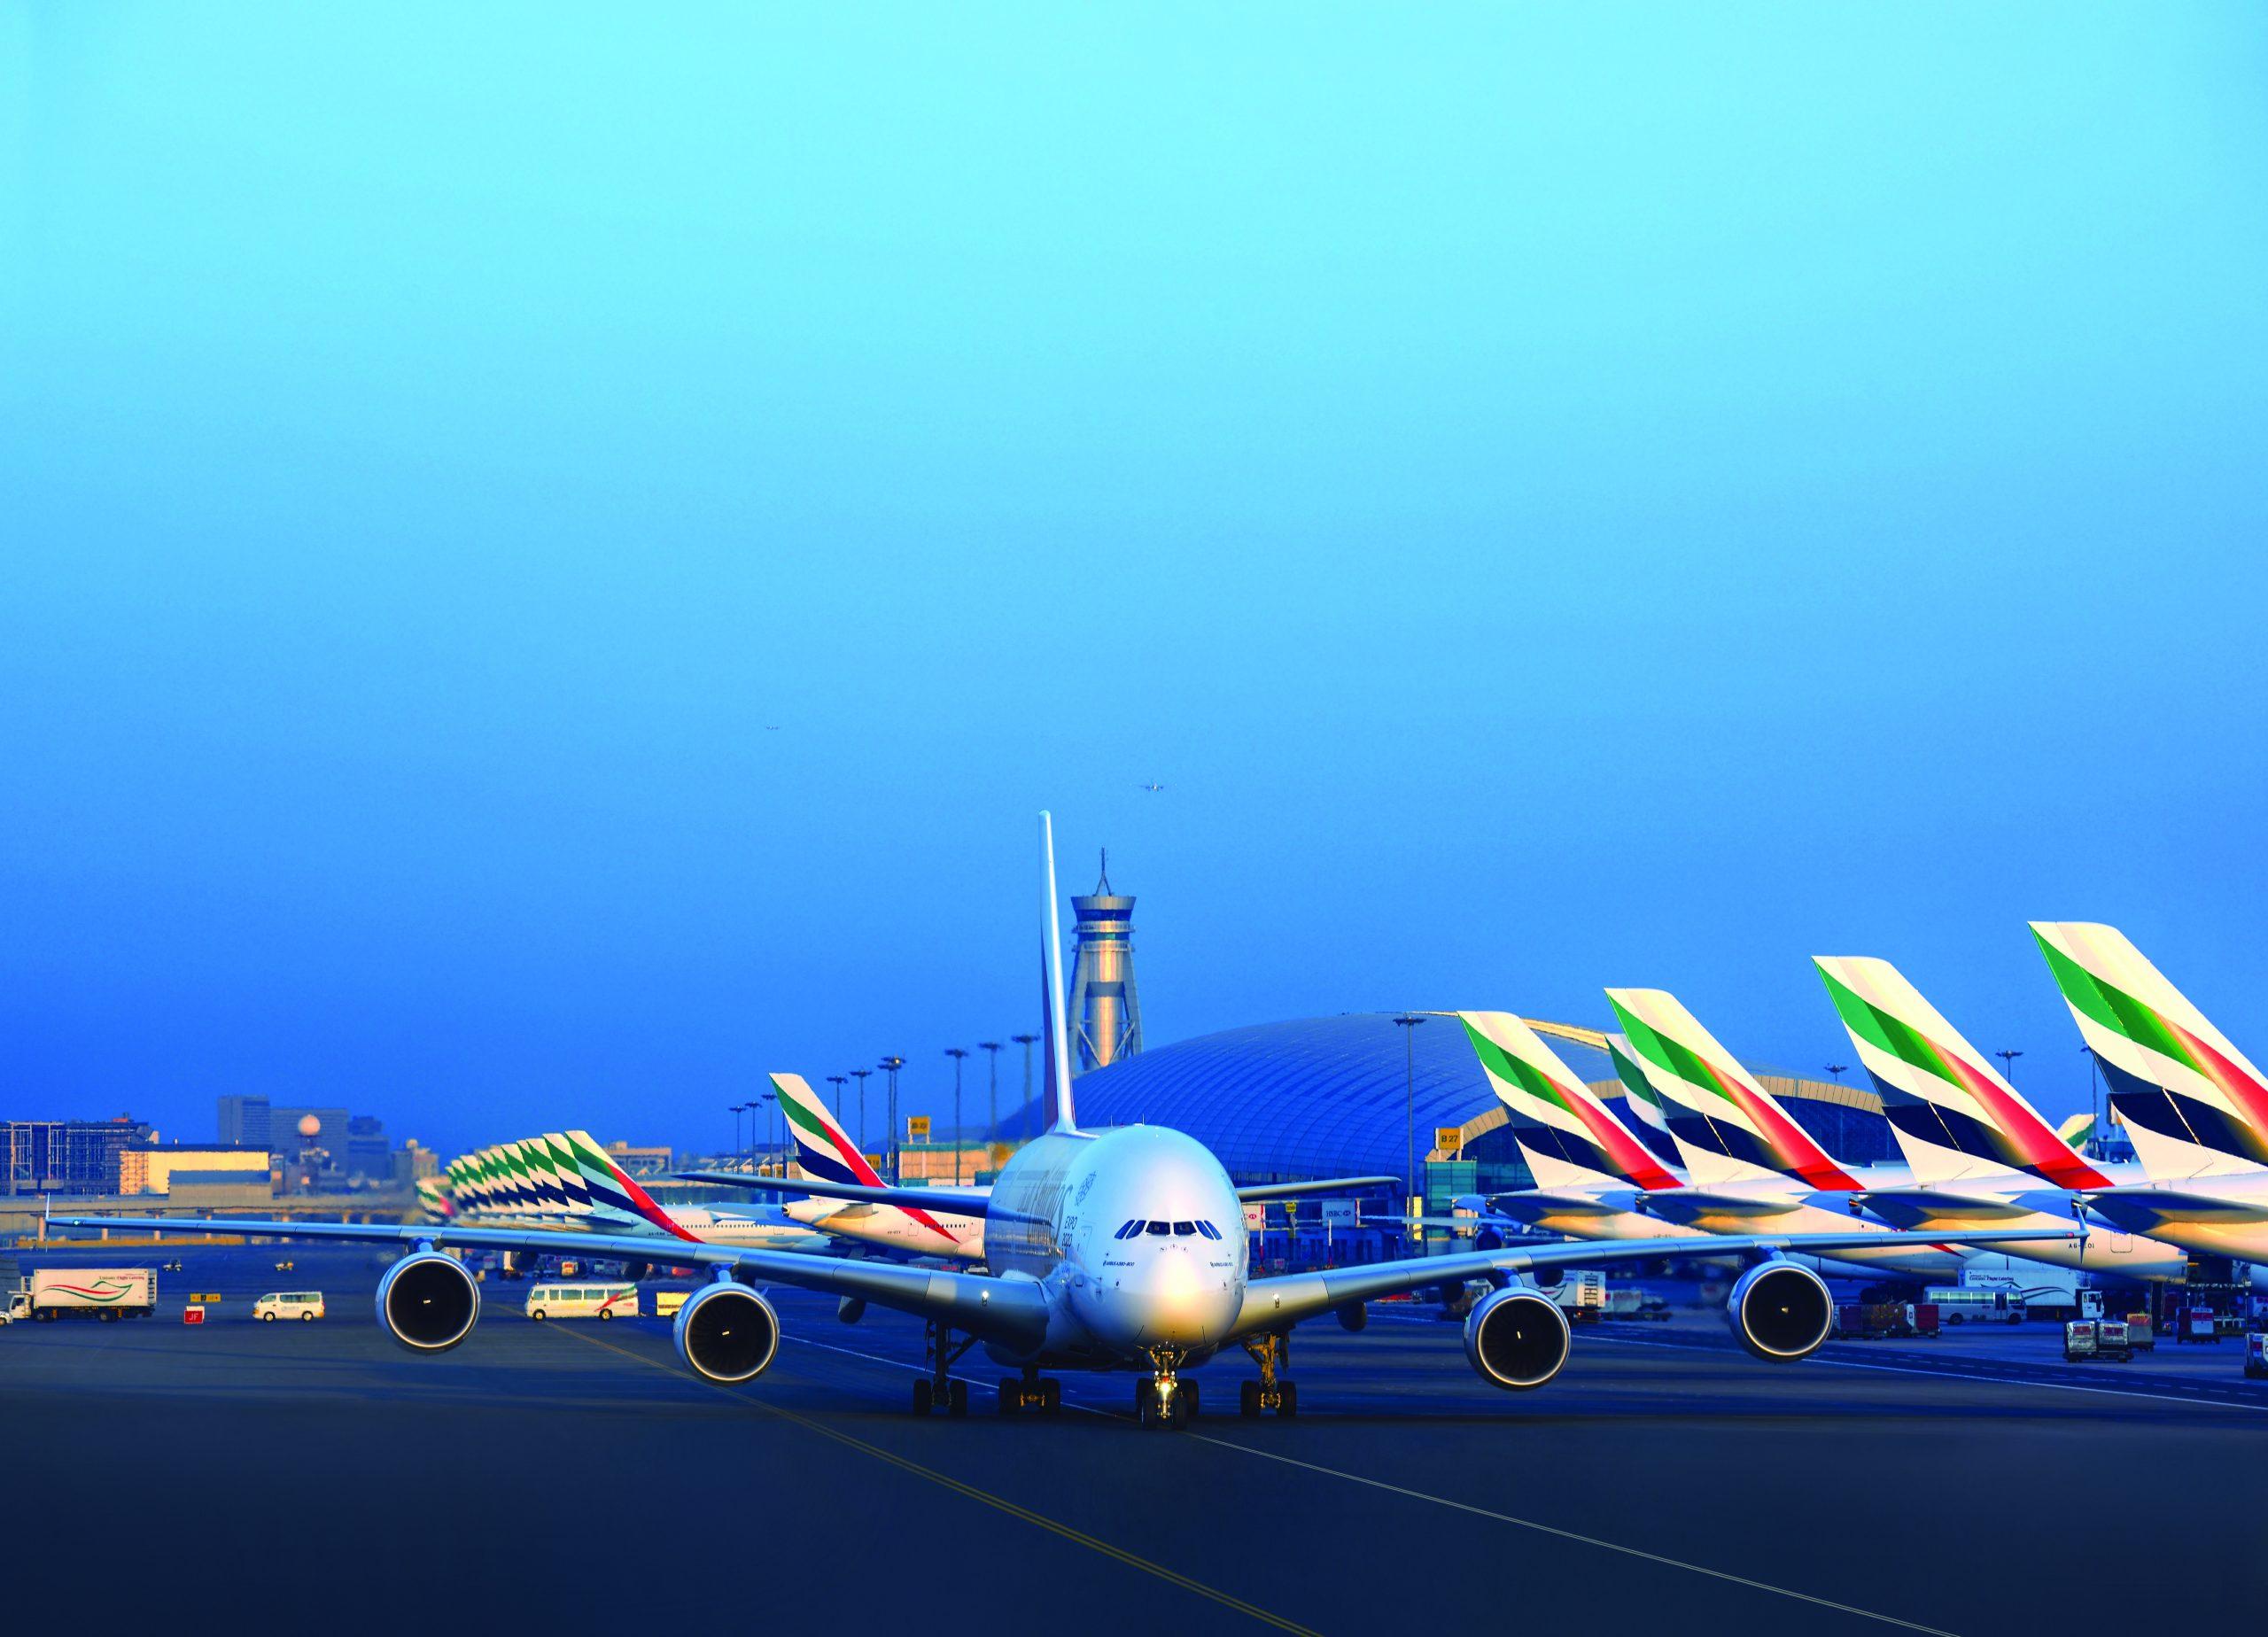 Emirates er verdens største operatør af verdens største passagerfly, Airbus A380 – selskabet har foreløbig 115 eksemplarer af typen, der for Emirates betjener 53 destinationer. Pressefoto fra Emirates.